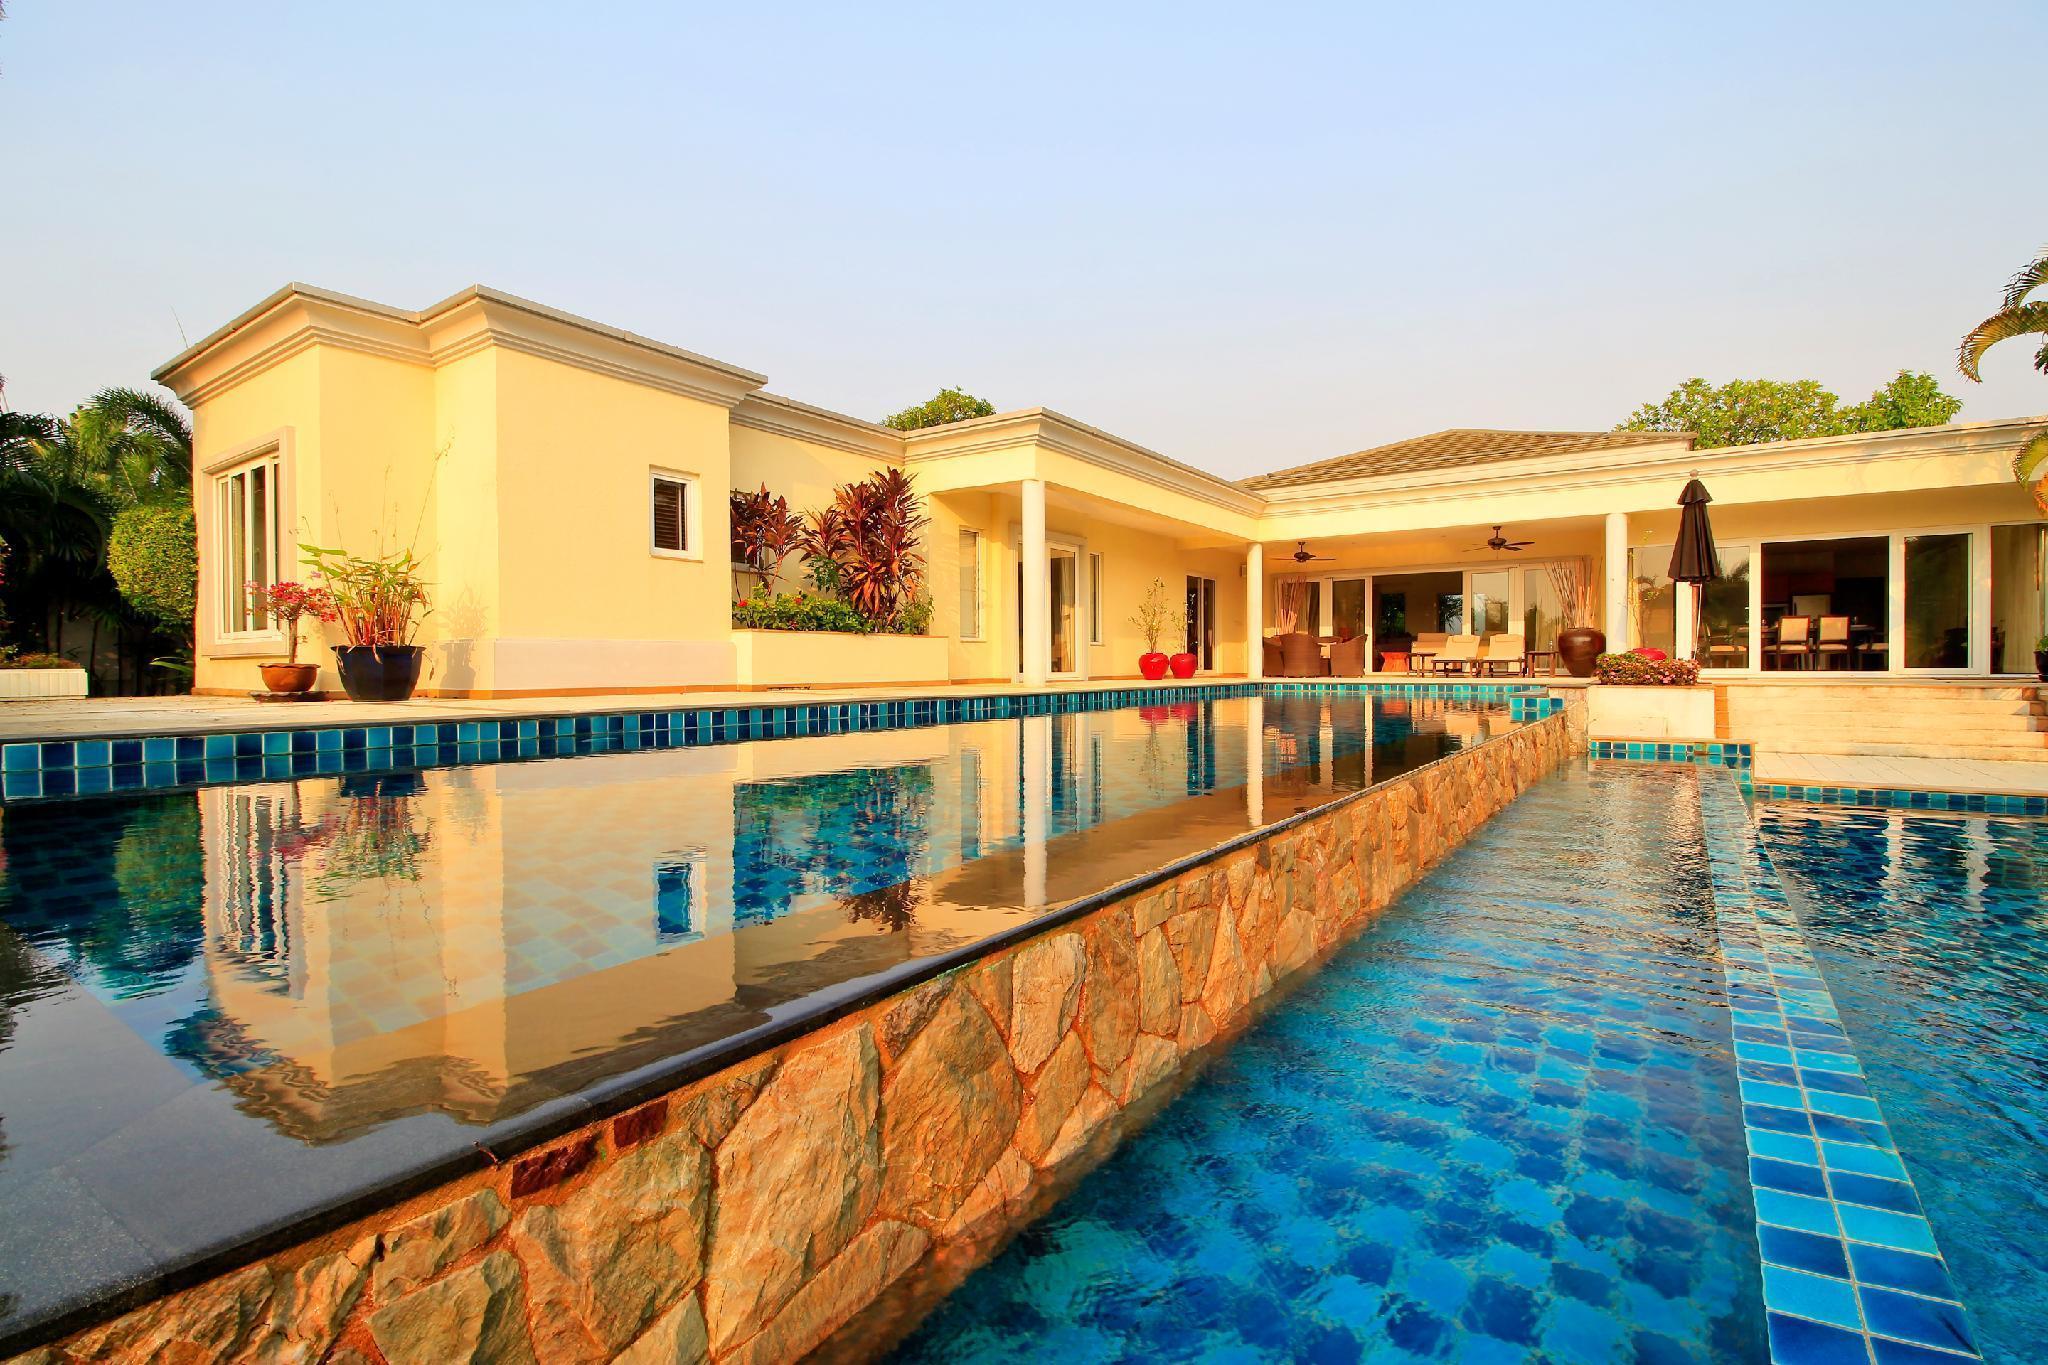 Sunset Villa 4 Bedroom Luxury Pool Villa Pattaya Sunset Villa 4 Bedroom Luxury Pool Villa Pattaya